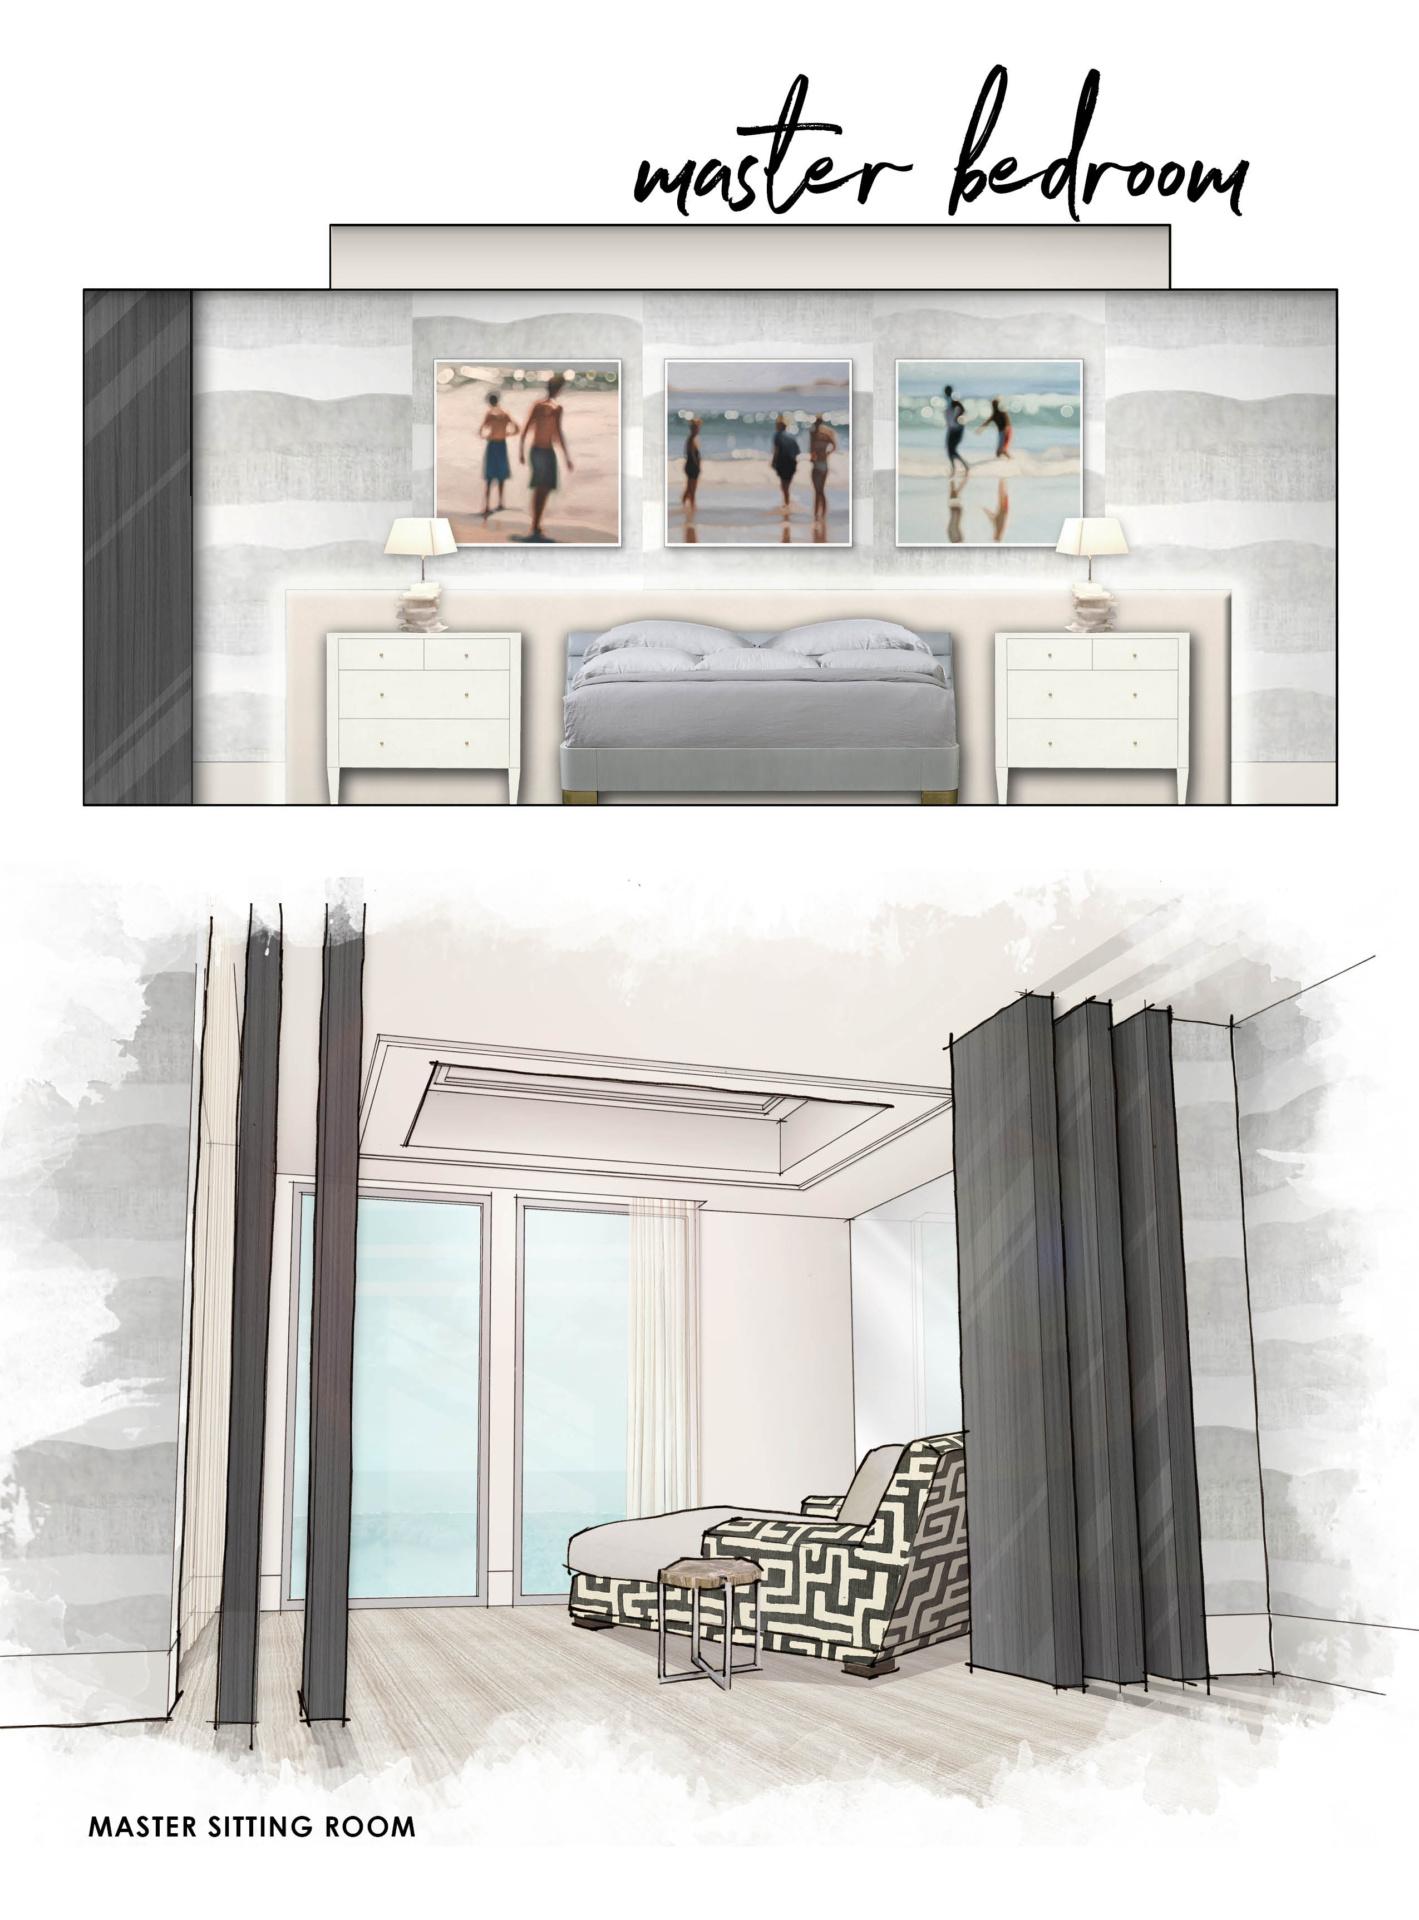 Mystique master bedroom